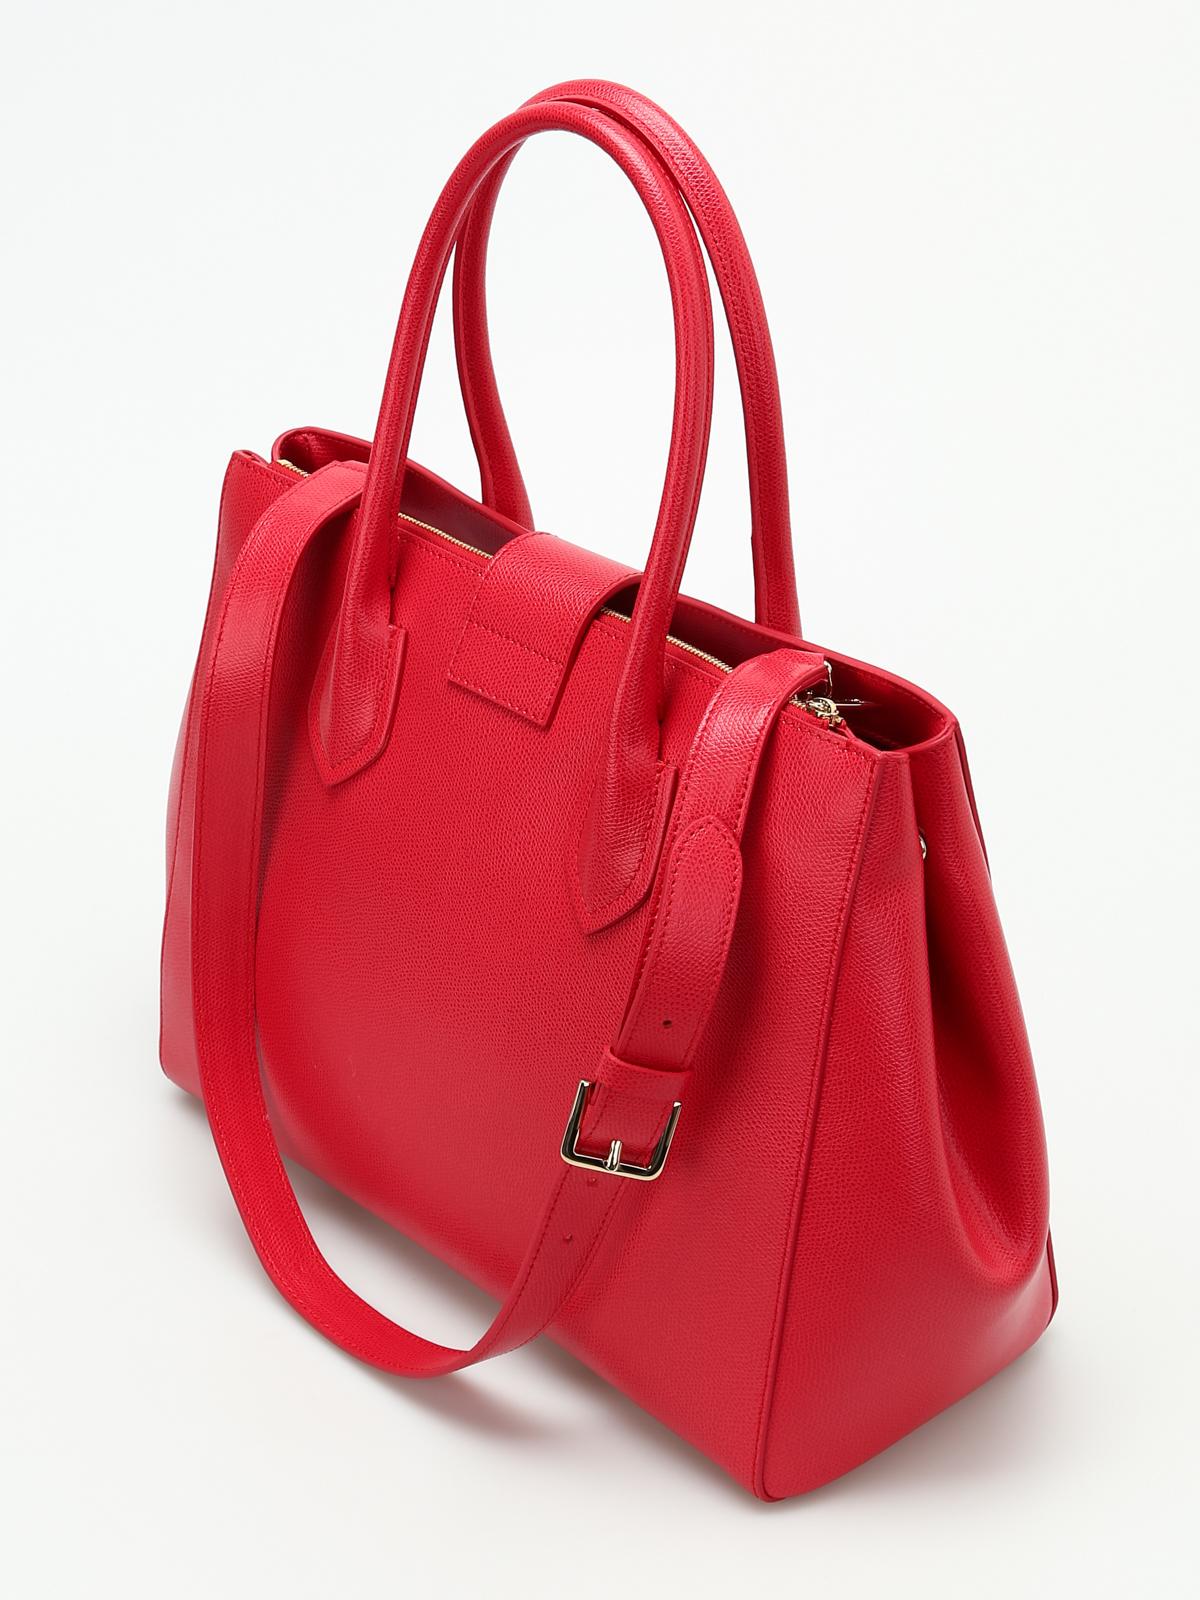 Furla Metropolis L expandable sides bag Ot36iUir